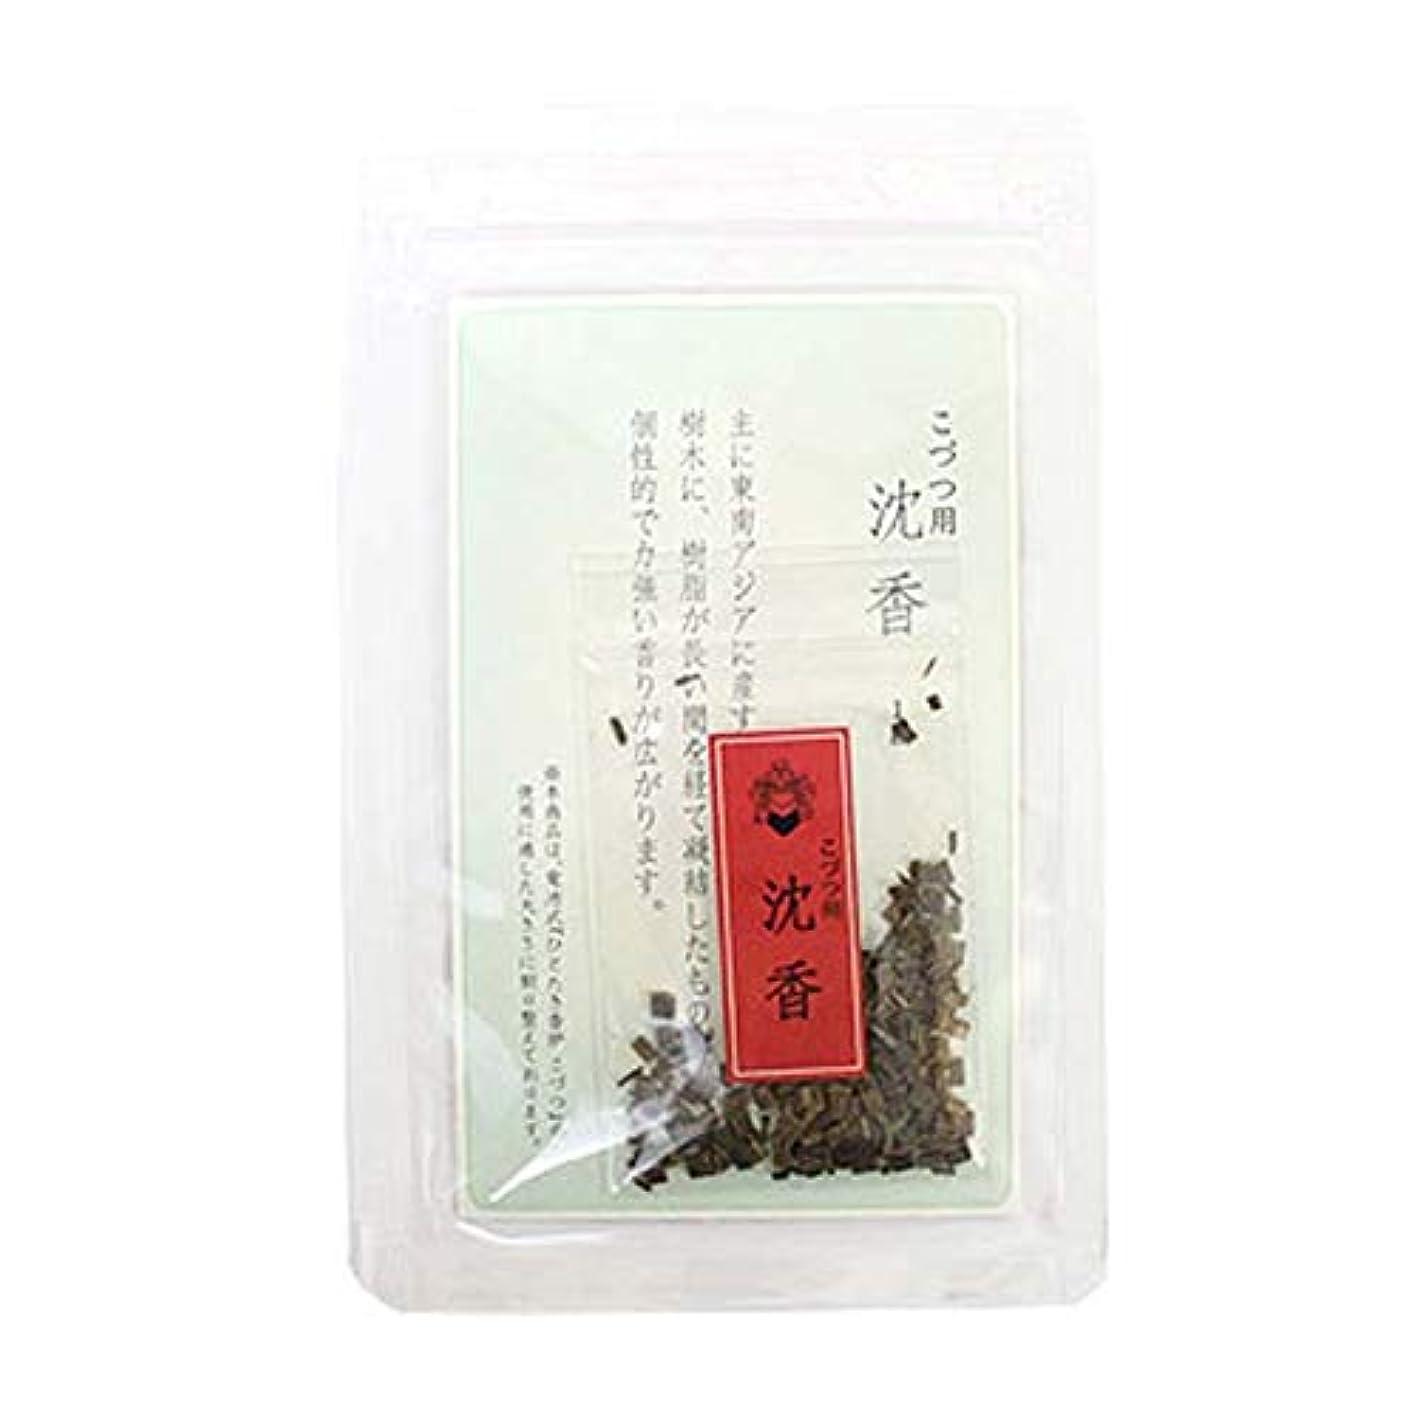 昼寝アルミニウム保安M 茶道具 香 お試しこづつ用 香木 沈香 じんこう 1g (海外発送不可) ほんぢ園